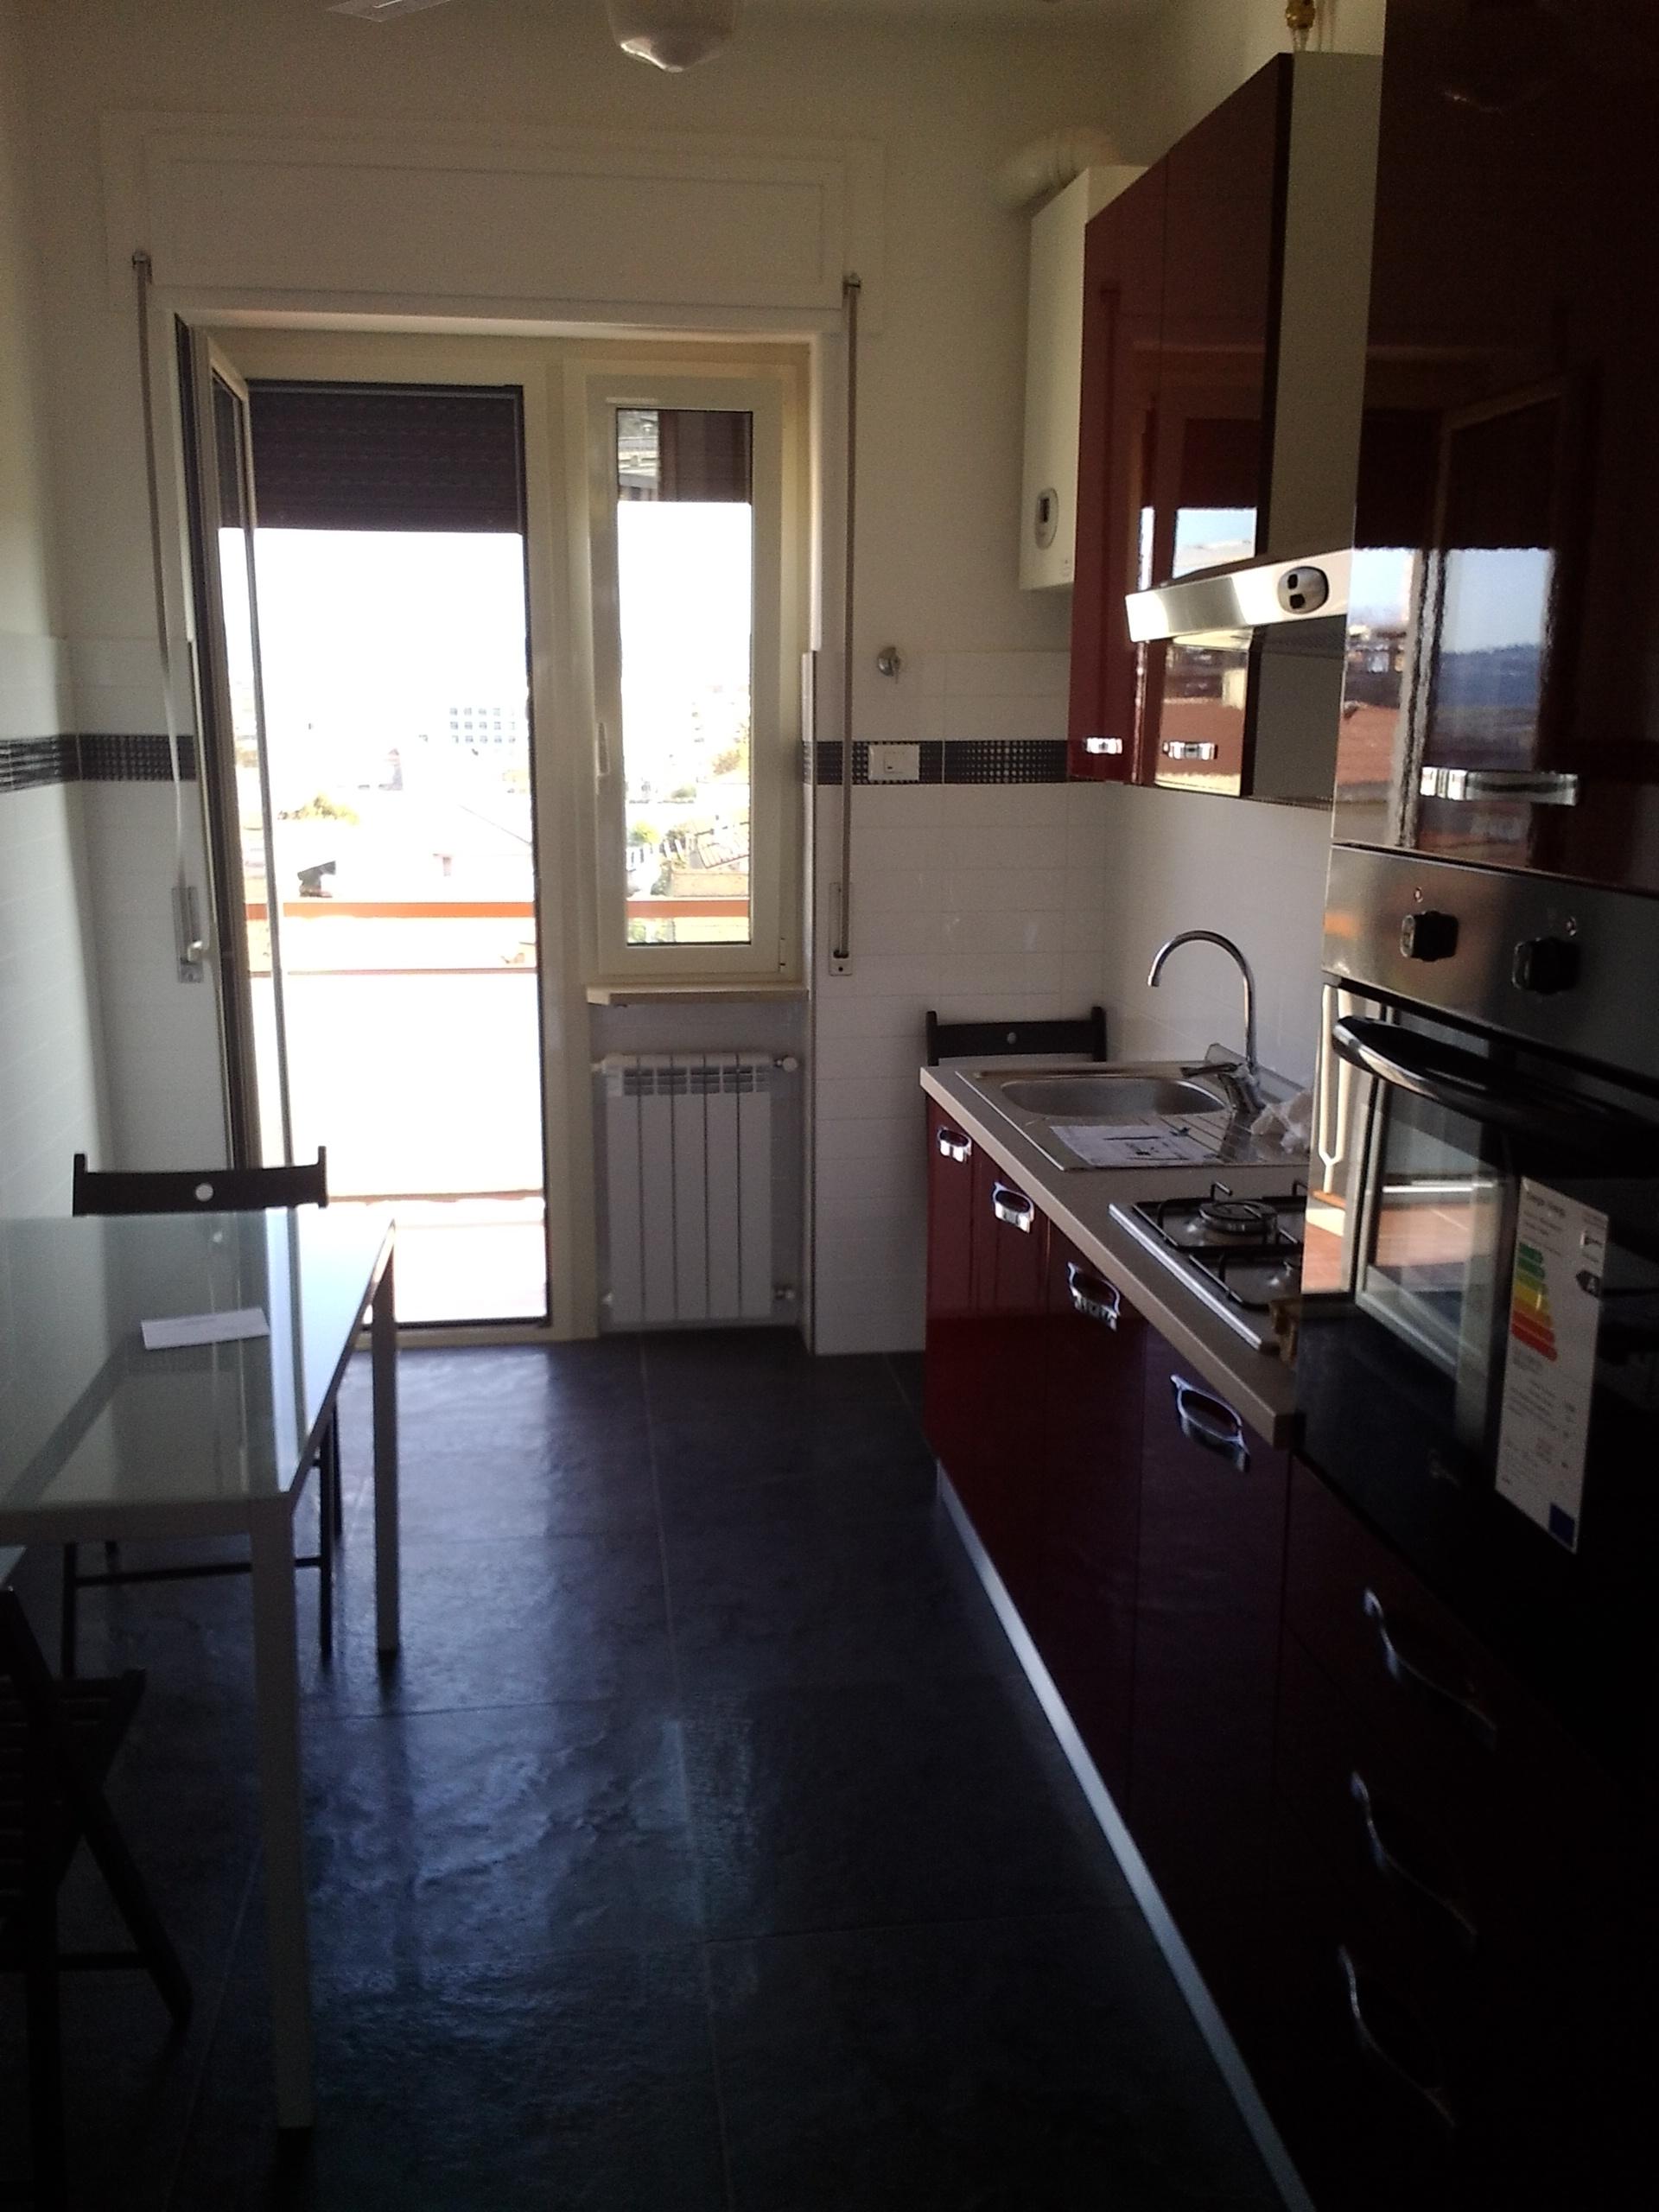 Affitto appartamento via sacco - 01